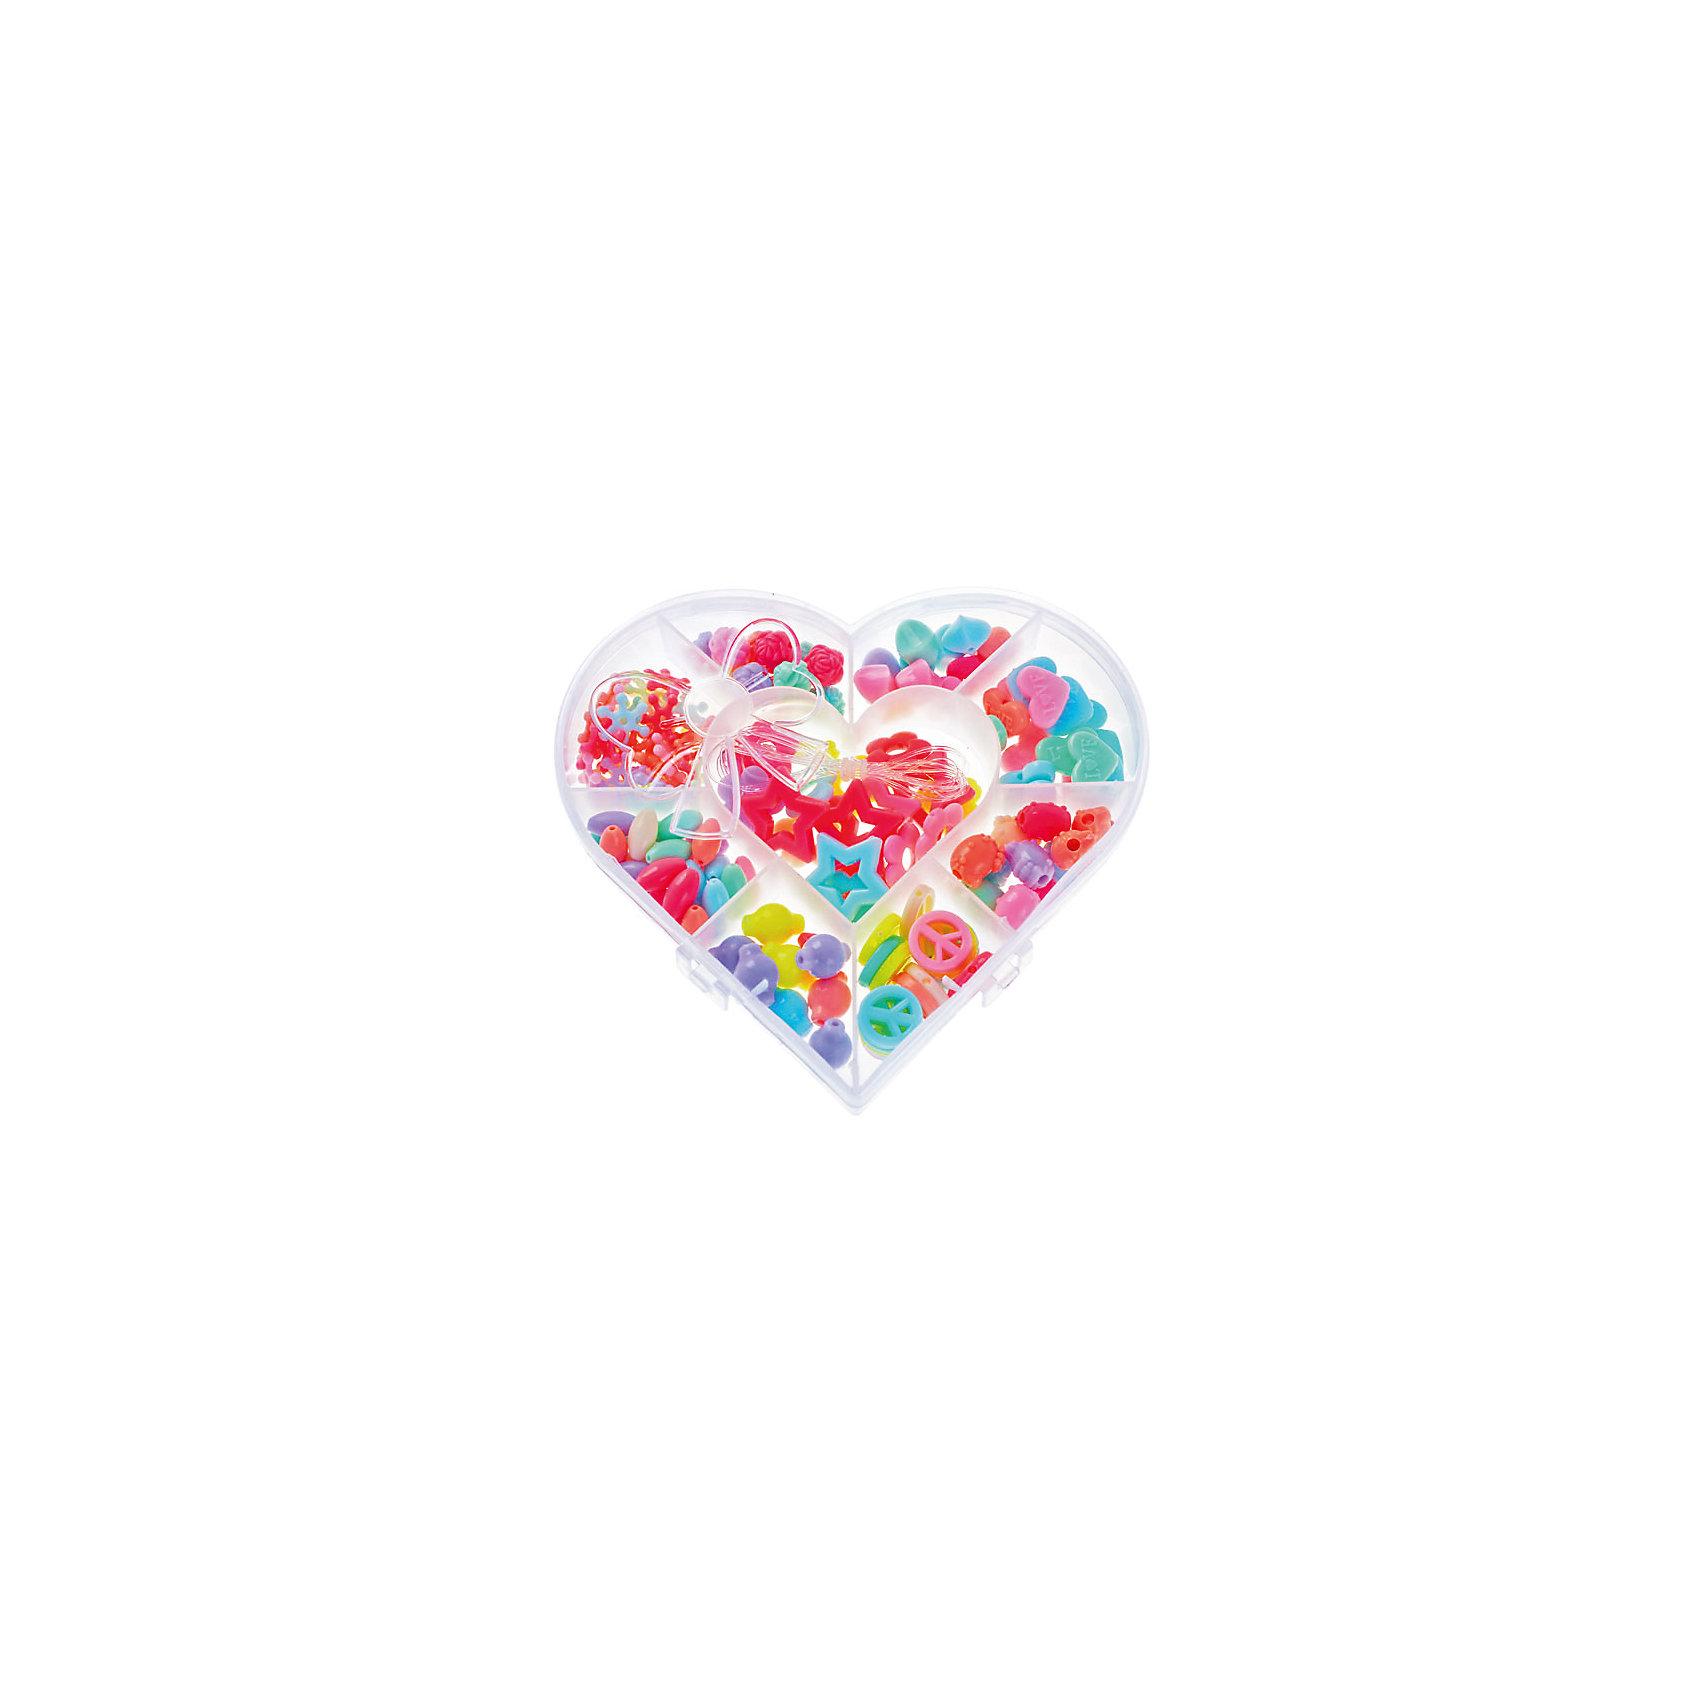 Набор подвесок для детской бижутерии СердцеНабор подвесок для детской бижутерии Сердце порадует всех юных модниц. Из ярких бусинок получится множество оригинальных и красивых украшений. Поделки из мелких деталей прекрасно развивают мелкую моторику и творческие способности ребенка. <br><br>Дополнительная информация:<br><br>- Материал: пластик.<br>- Размер упаковки: 14х15 см. <br>- Цвет: розовый, голубой, желтый, сиреневый.<br><br>Набор подвесок для детской бижутерии Сердце можно купить в нашем магазине.<br><br>Ширина мм: 140<br>Глубина мм: 150<br>Высота мм: 30<br>Вес г: 170<br>Возраст от месяцев: 36<br>Возраст до месяцев: 2147483647<br>Пол: Женский<br>Возраст: Детский<br>SKU: 4293059